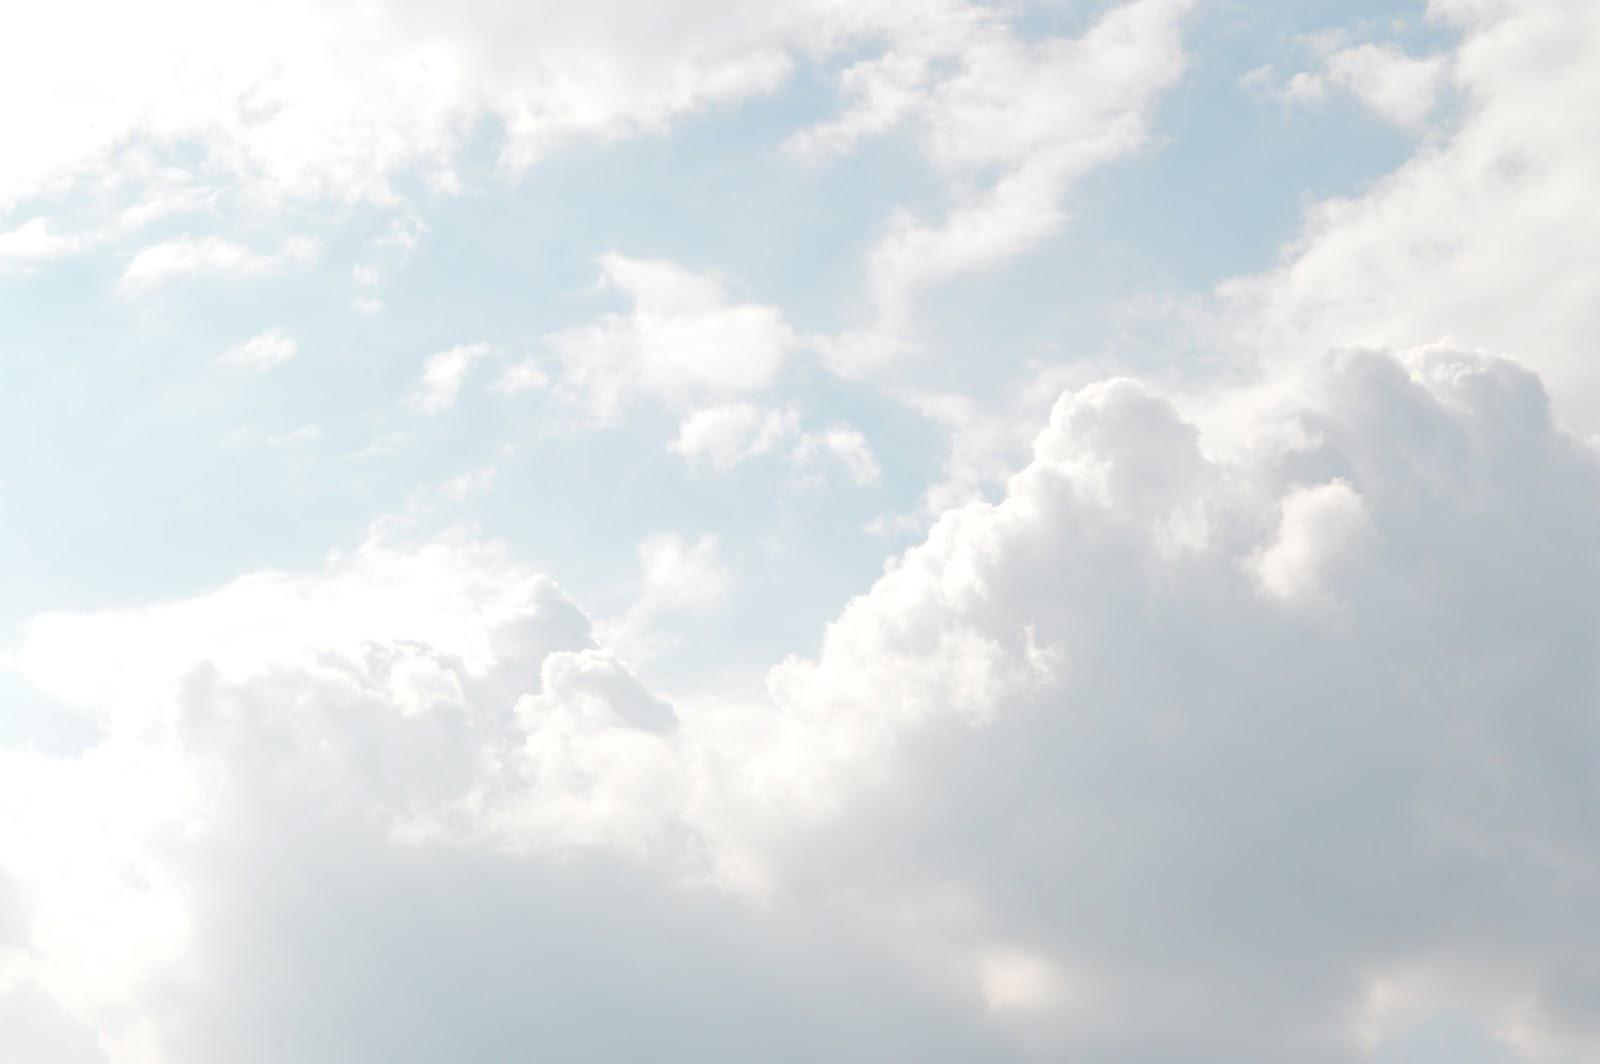 雲の多い明るい空